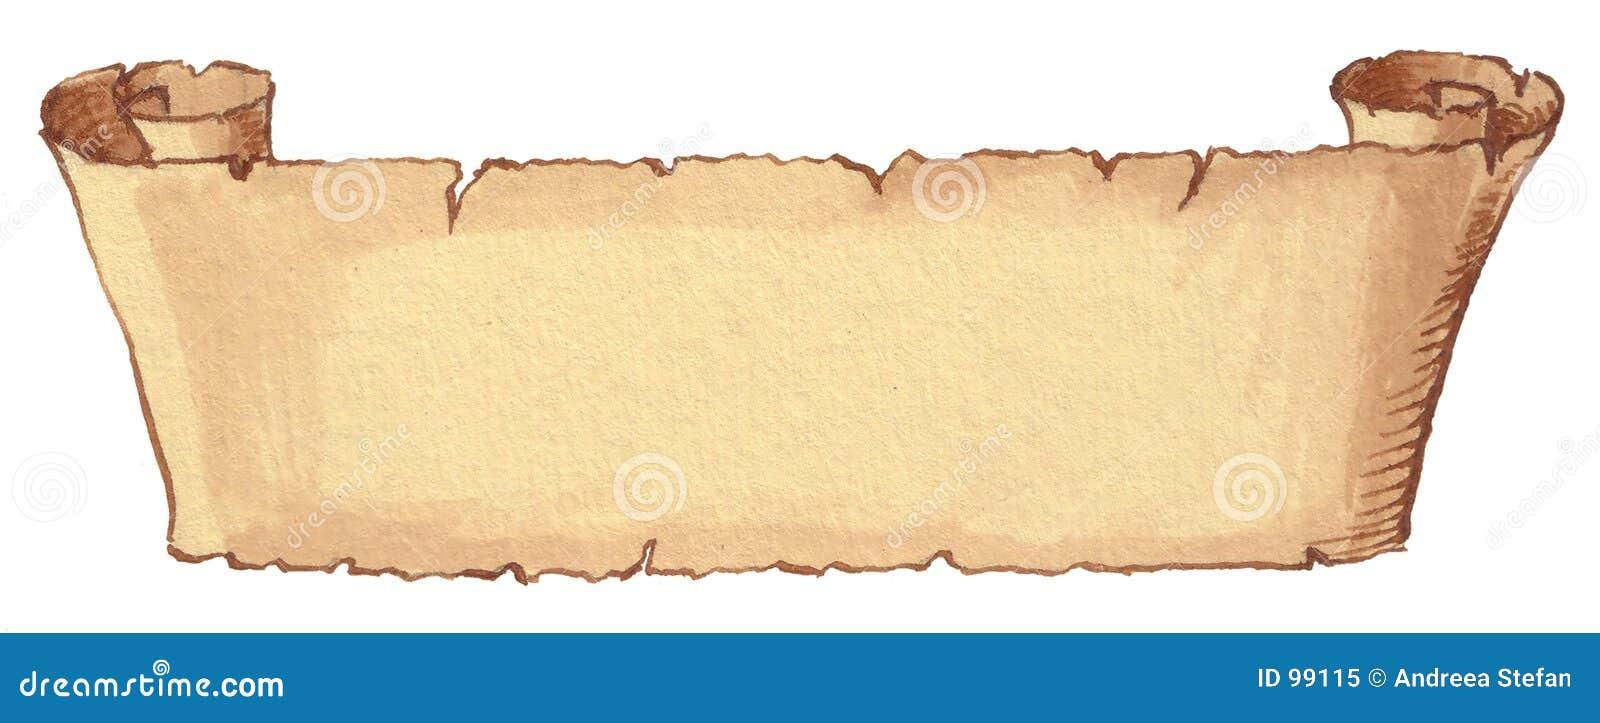 αρχαίος κύλινδρος